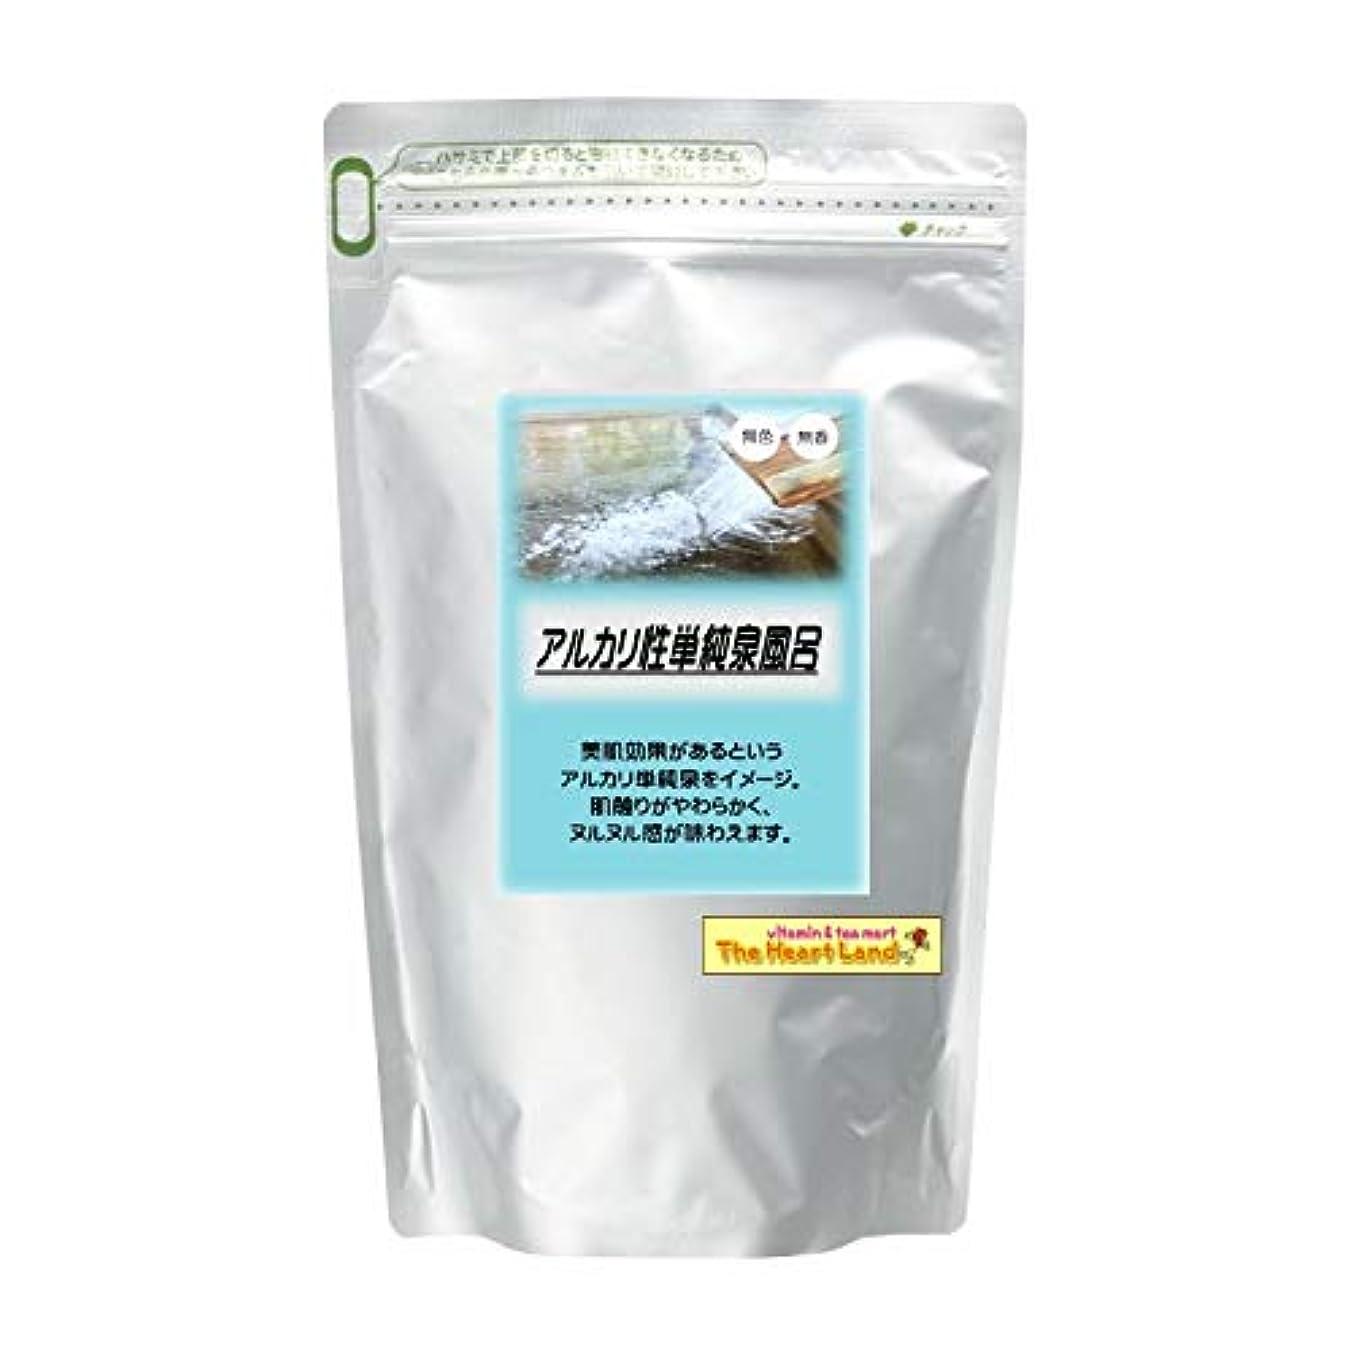 不安定なアレイフレアアサヒ入浴剤 浴用入浴化粧品 アルカリ性単純泉風呂 300g